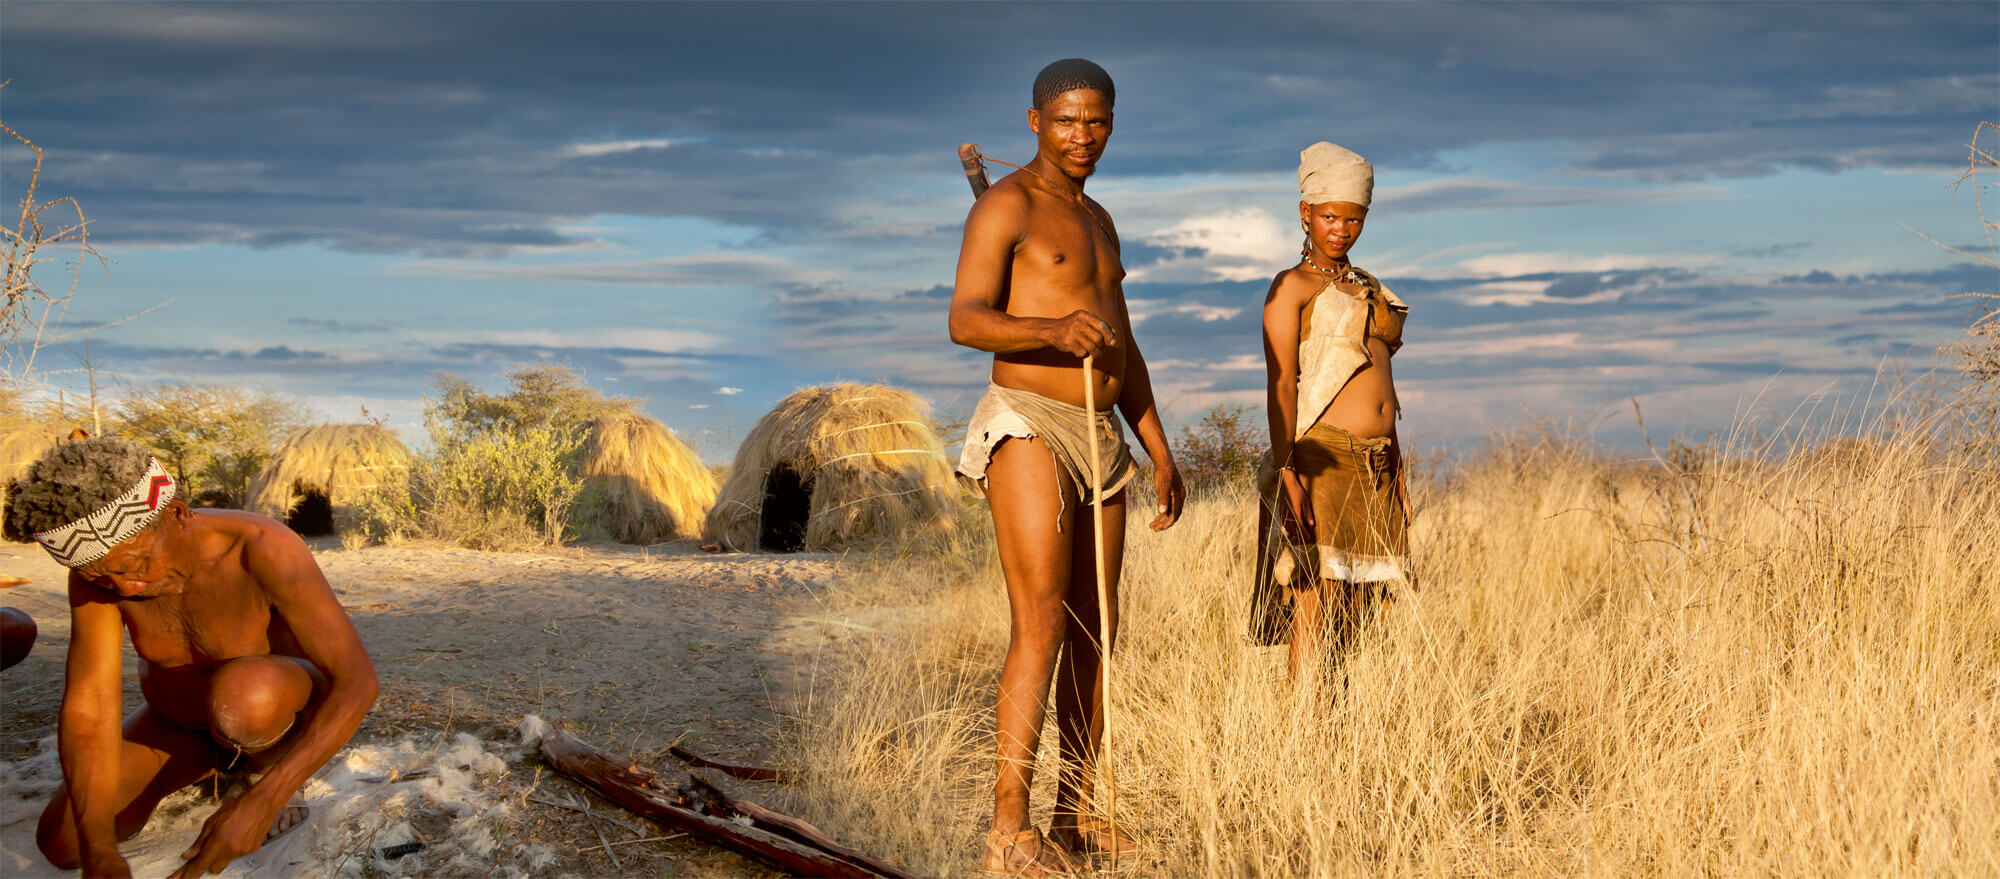 Les premiers agriculteurs du néolithique - La Salamandre